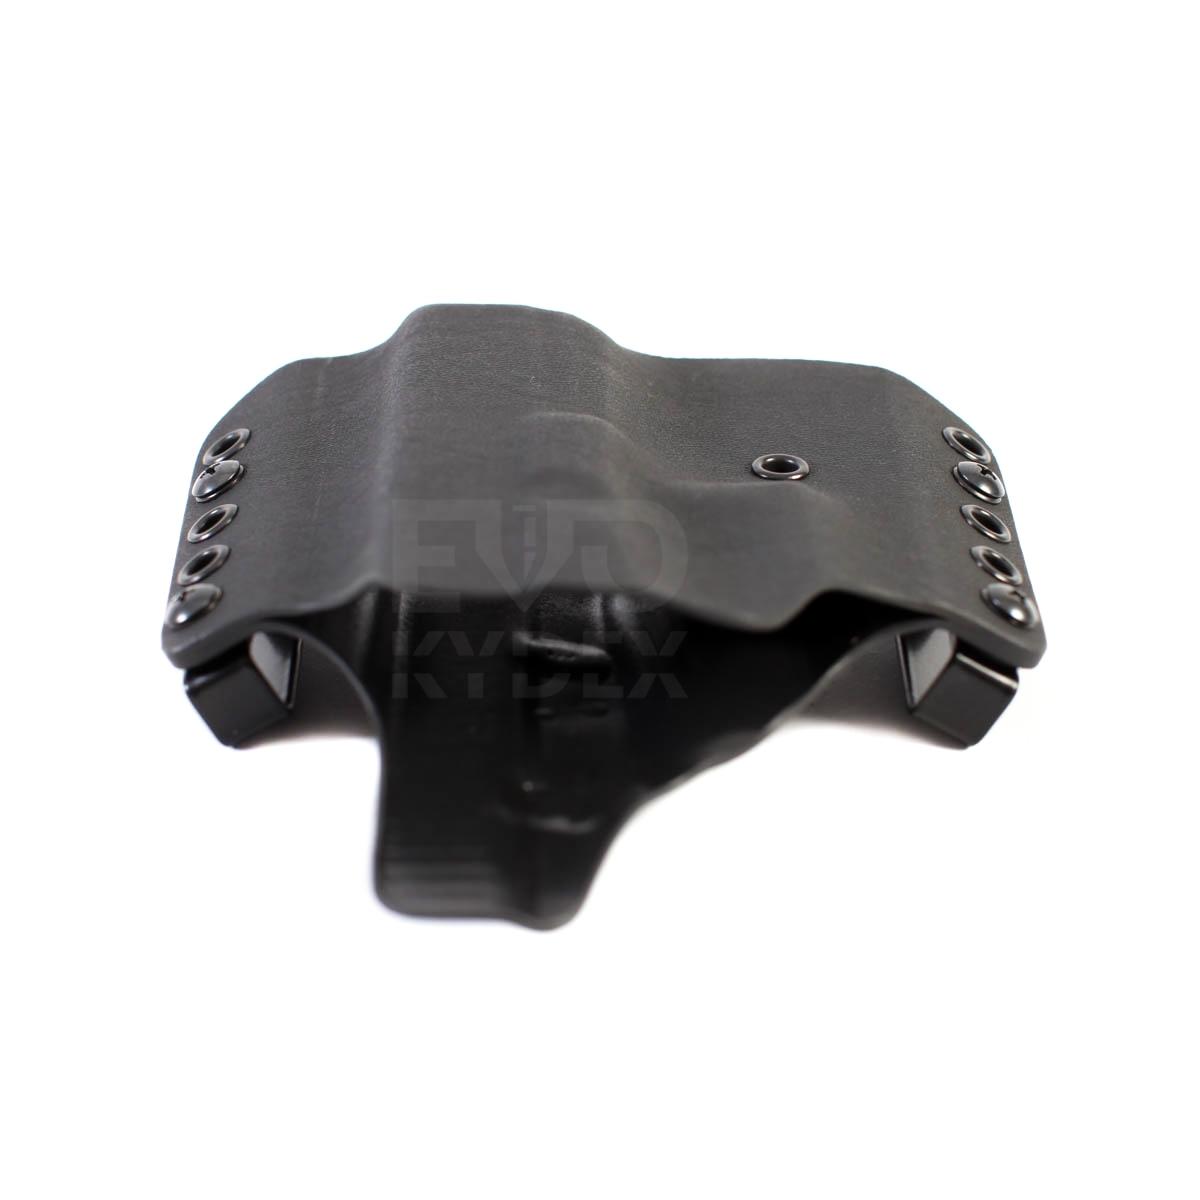 OWB Gun holster for Glock 20